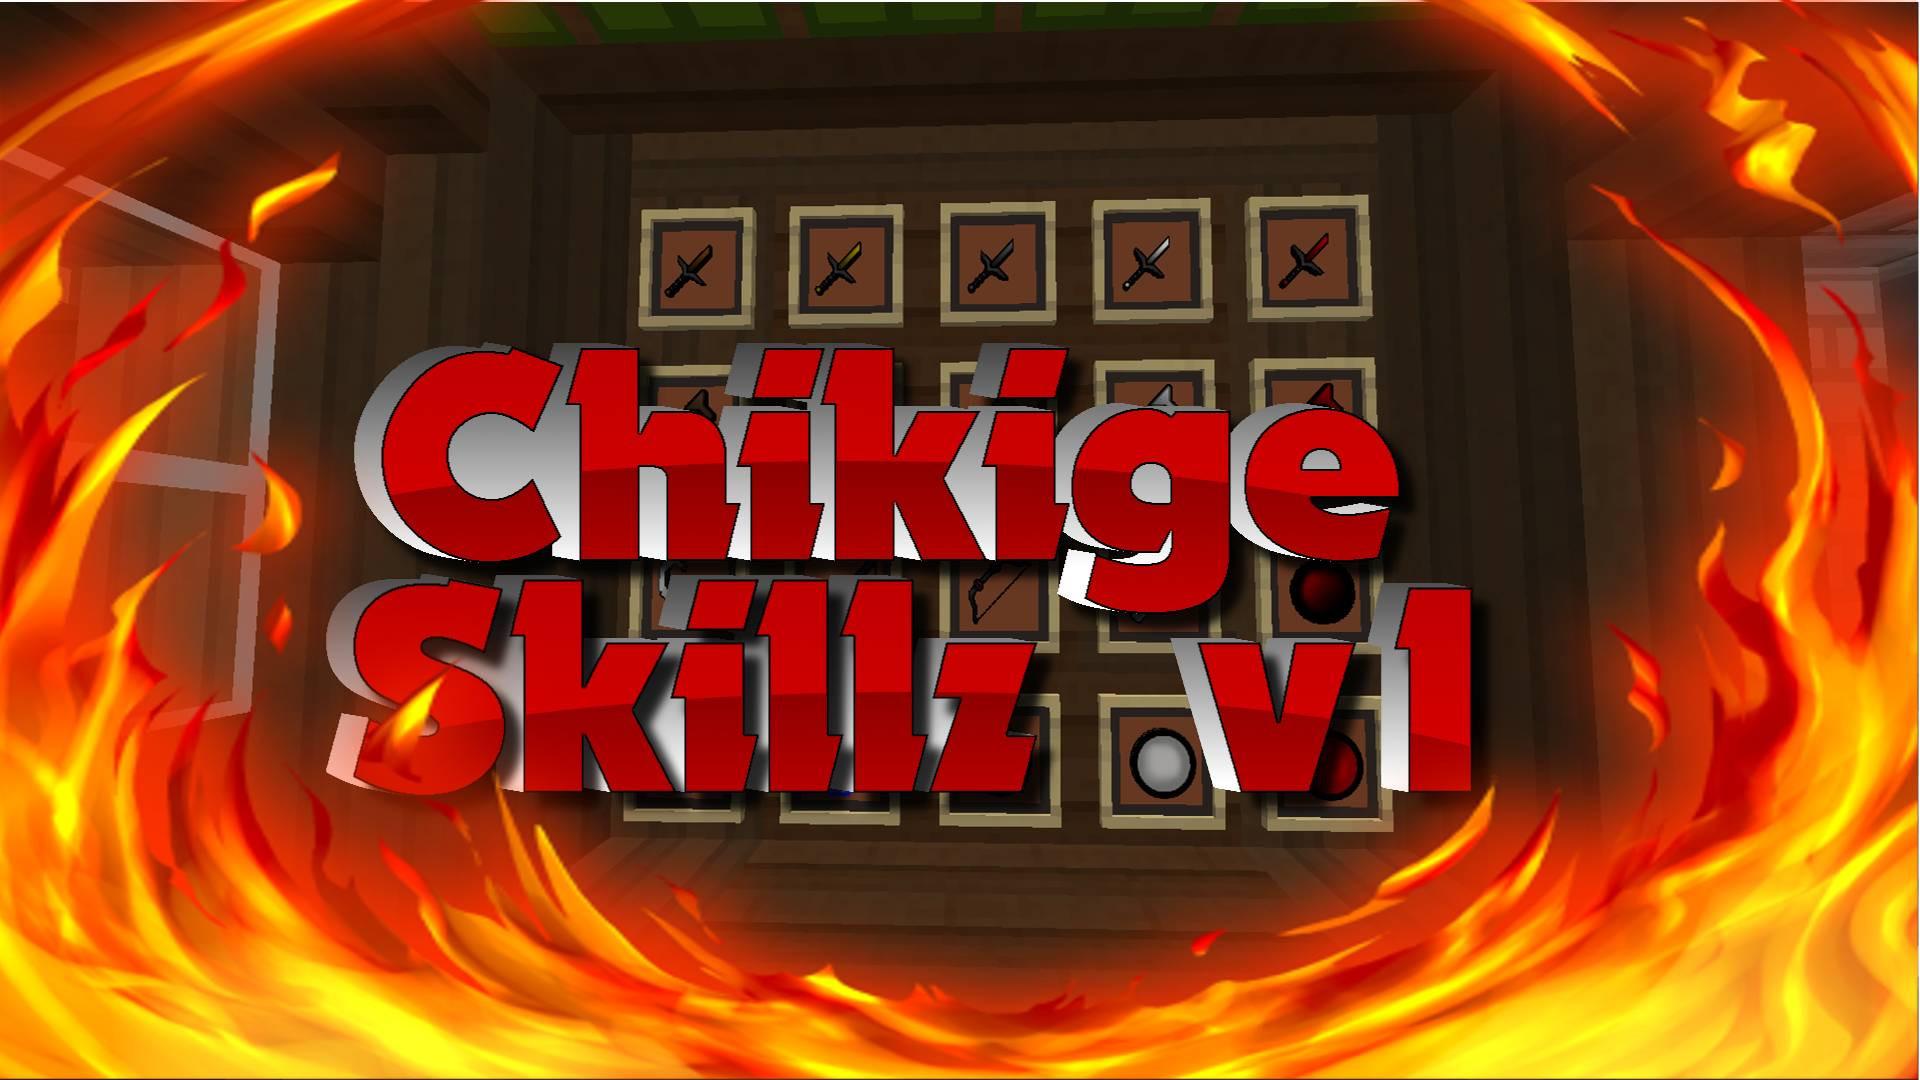 ChikigeSkillzv1